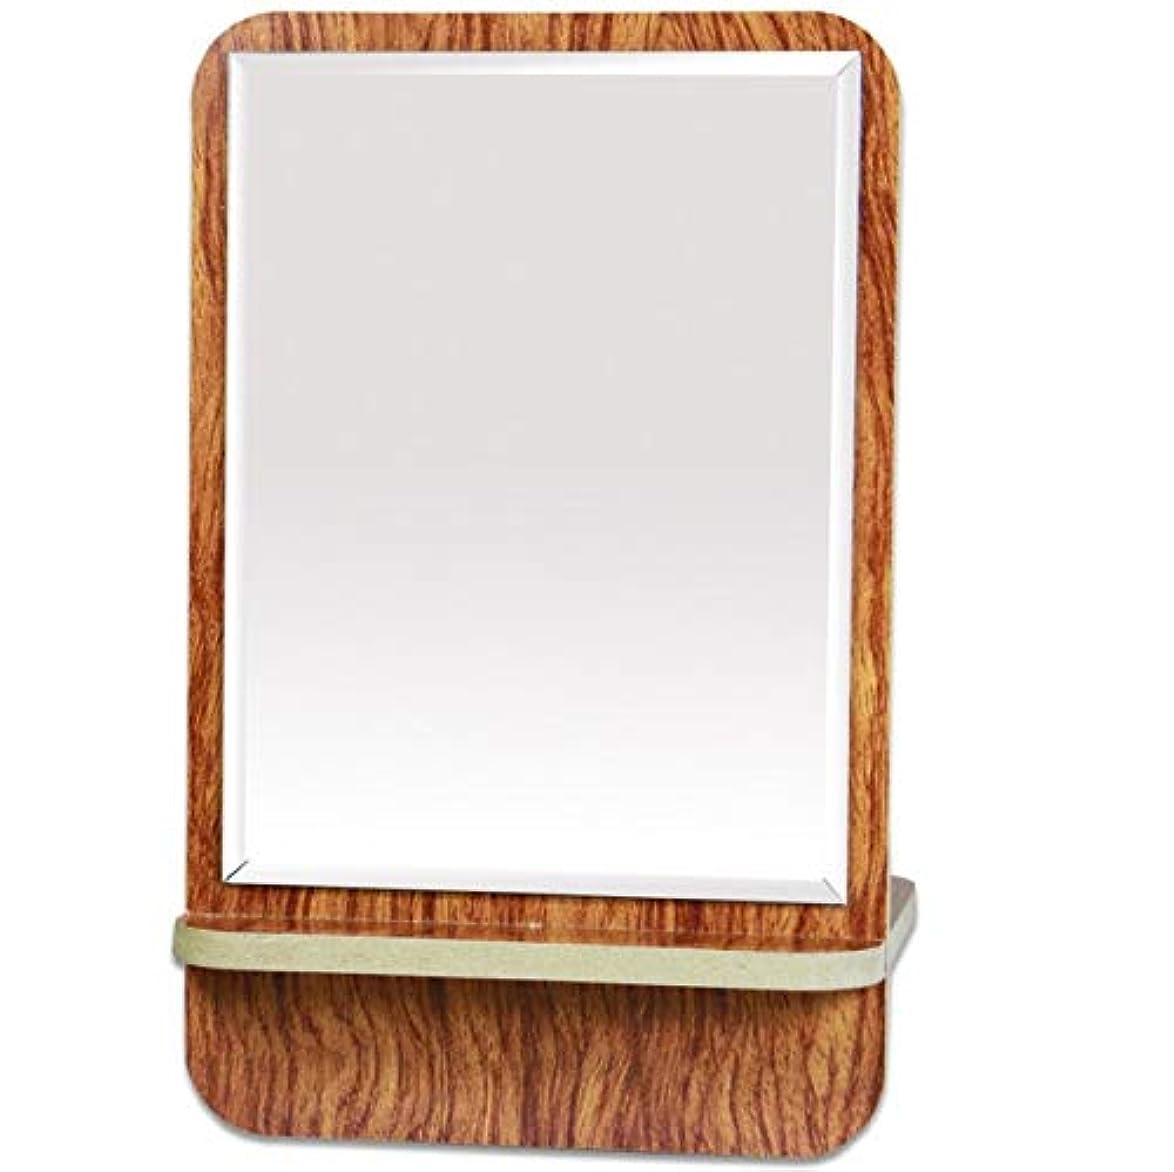 きょうだい記念品どこにでも化粧鏡、木製の鏡、デスクトップ化粧鏡、化粧ギフト